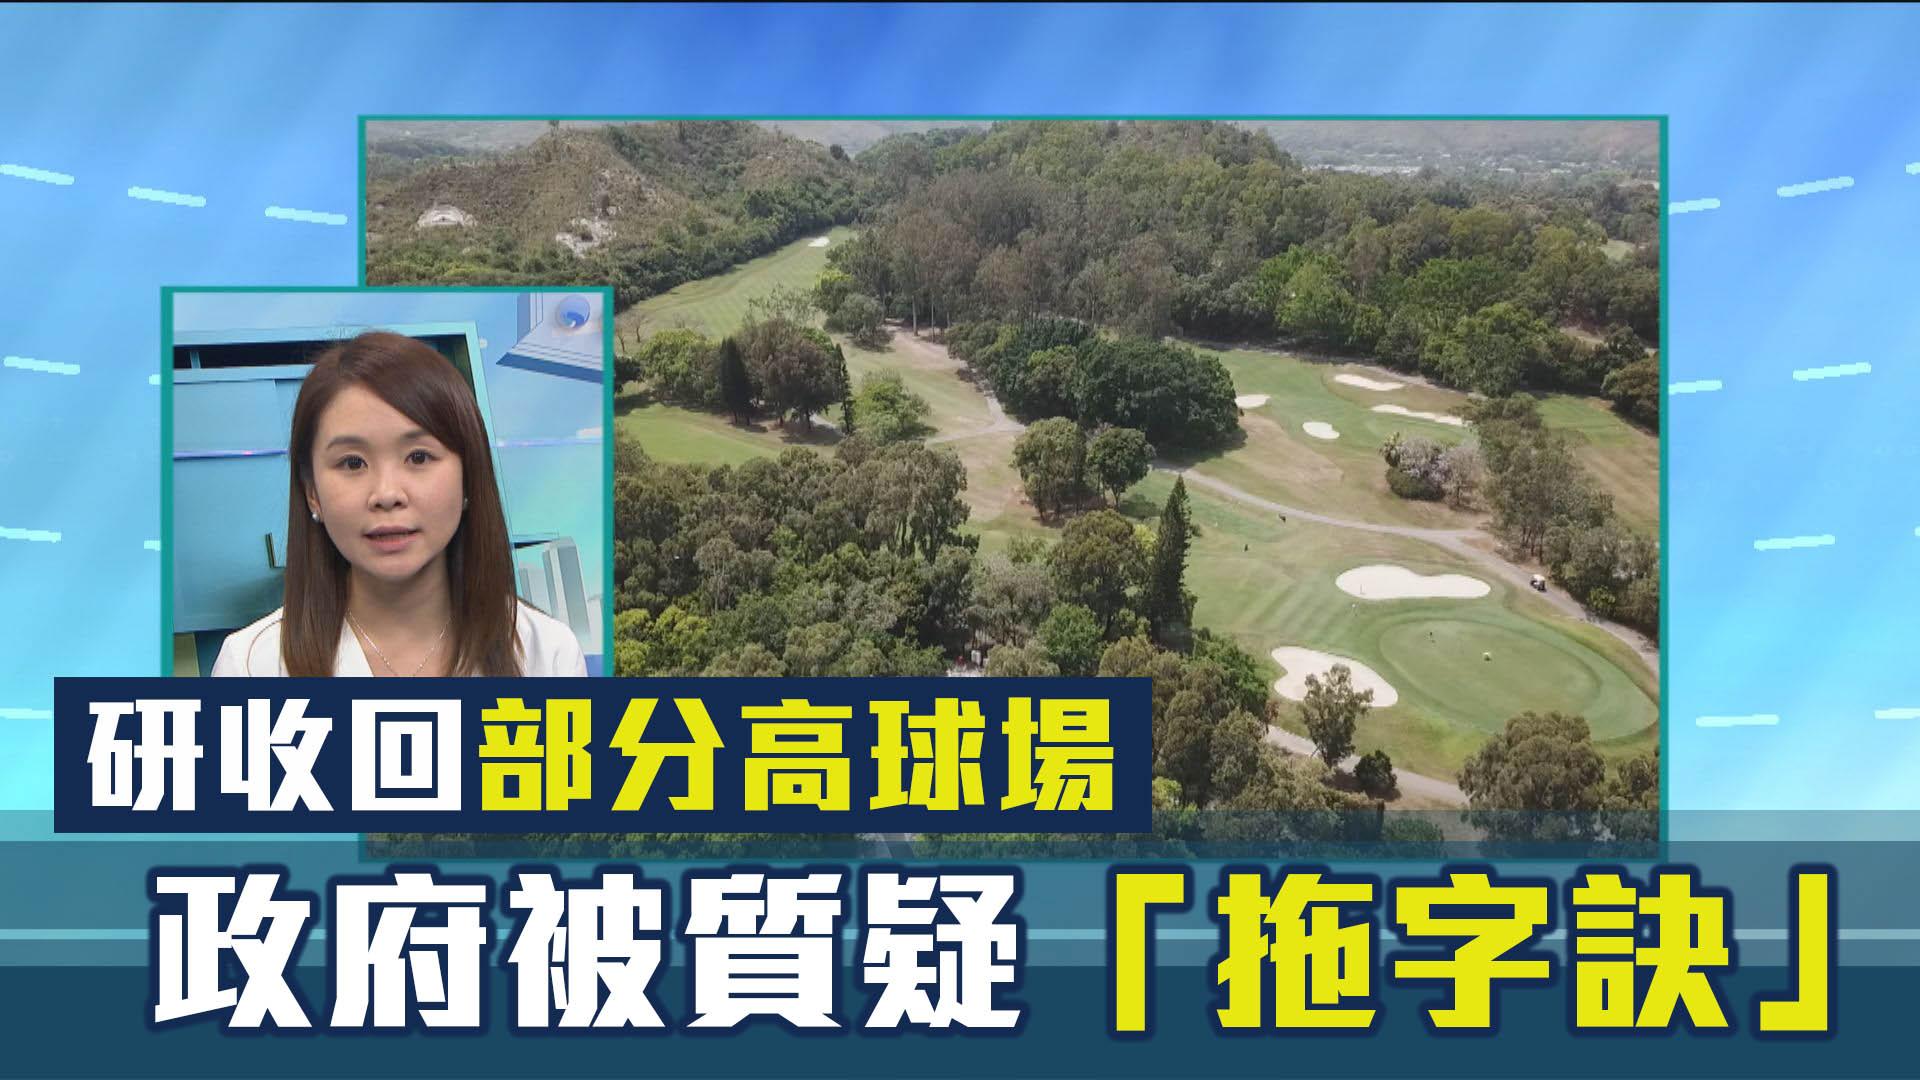 【政情】研收回部分高球場 政府被質疑「拖字訣」